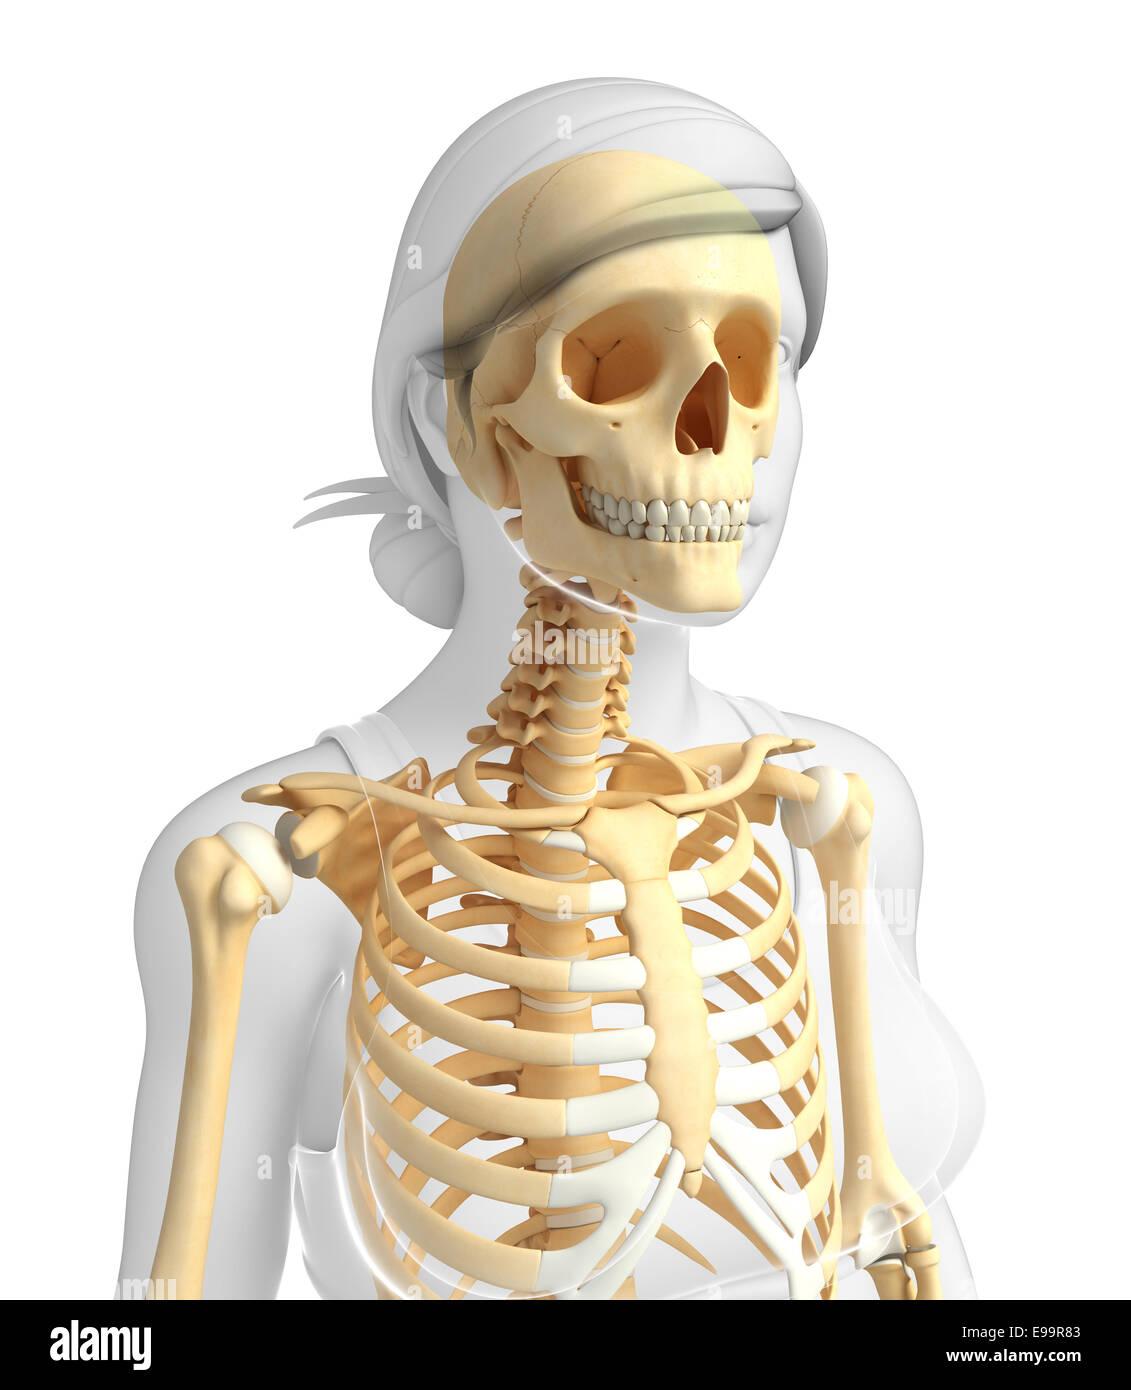 Fantastisch Anatomie Skelett Zum Verkauf Bilder - Anatomie Von ...